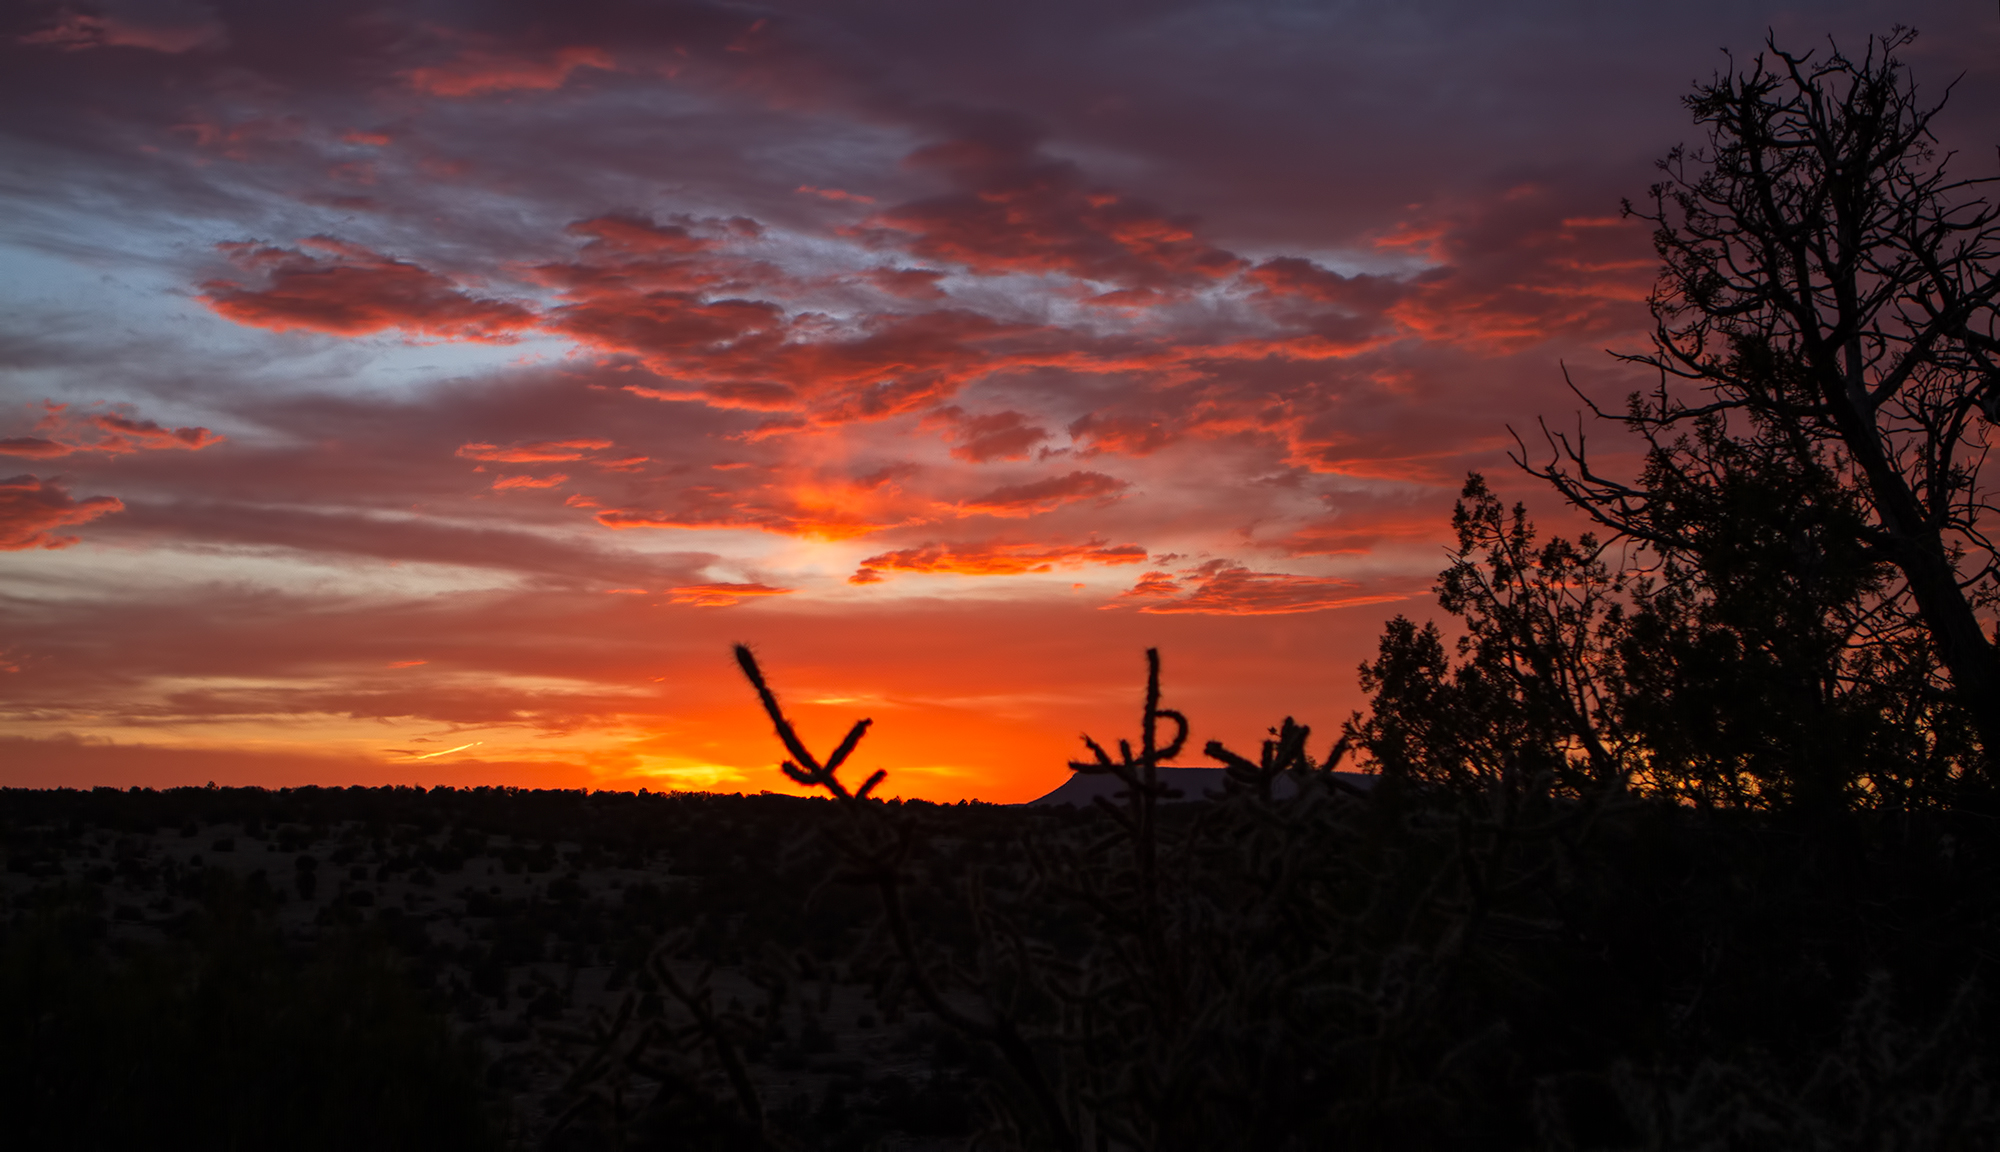 Sunset-27-7D1-060618